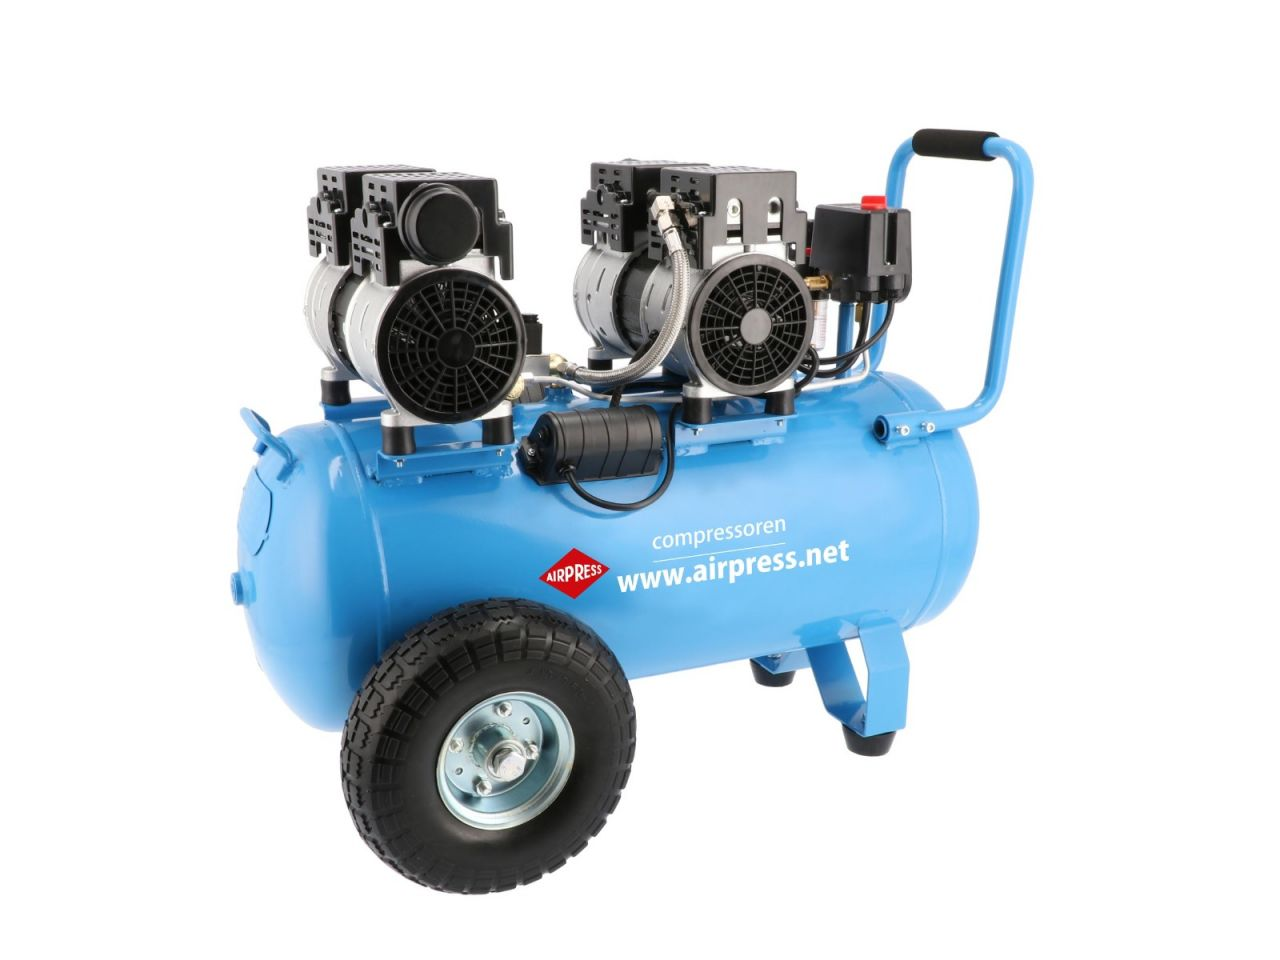 airpress LMO 50-270 Compressor - Olievrij - 1,5 kW - 8 bar - 256 l/min - 50L